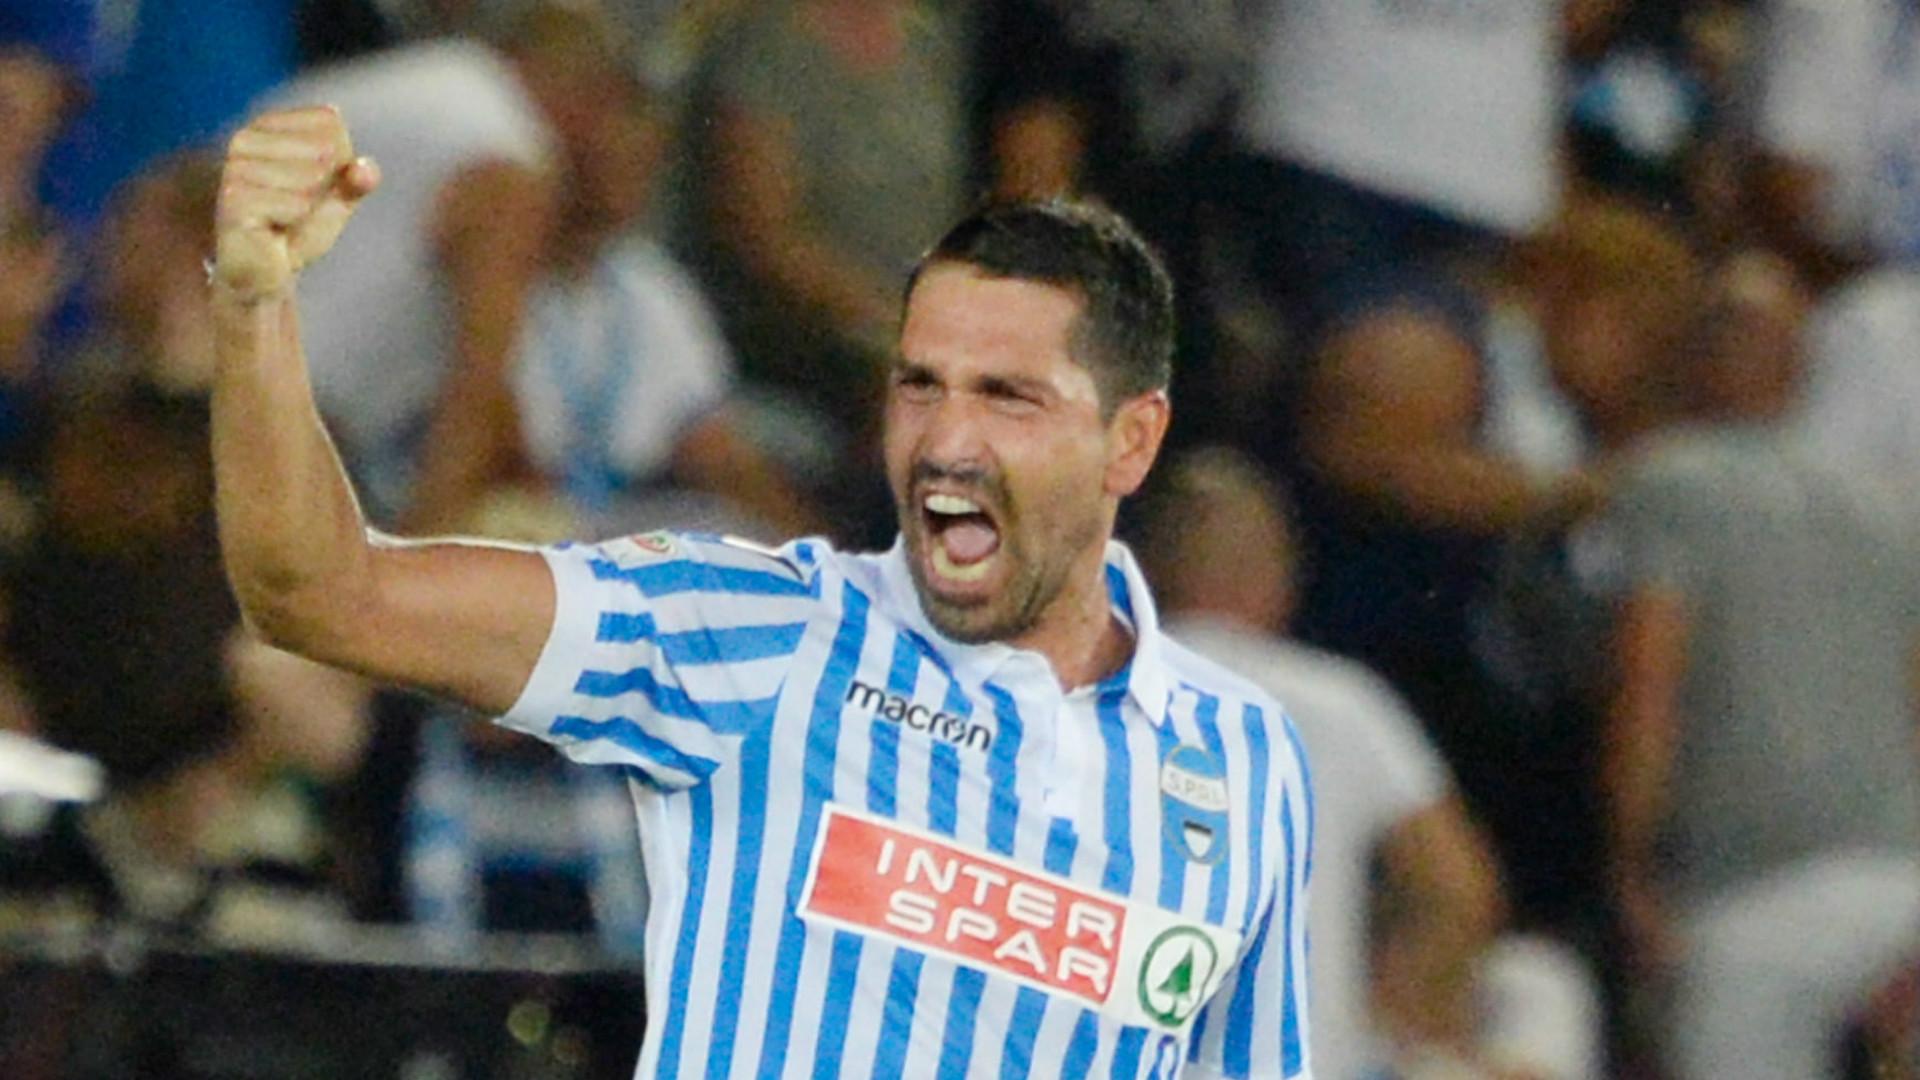 Le probabili formazioni di Spal-Cagliari - Borriello sfida il suo passato